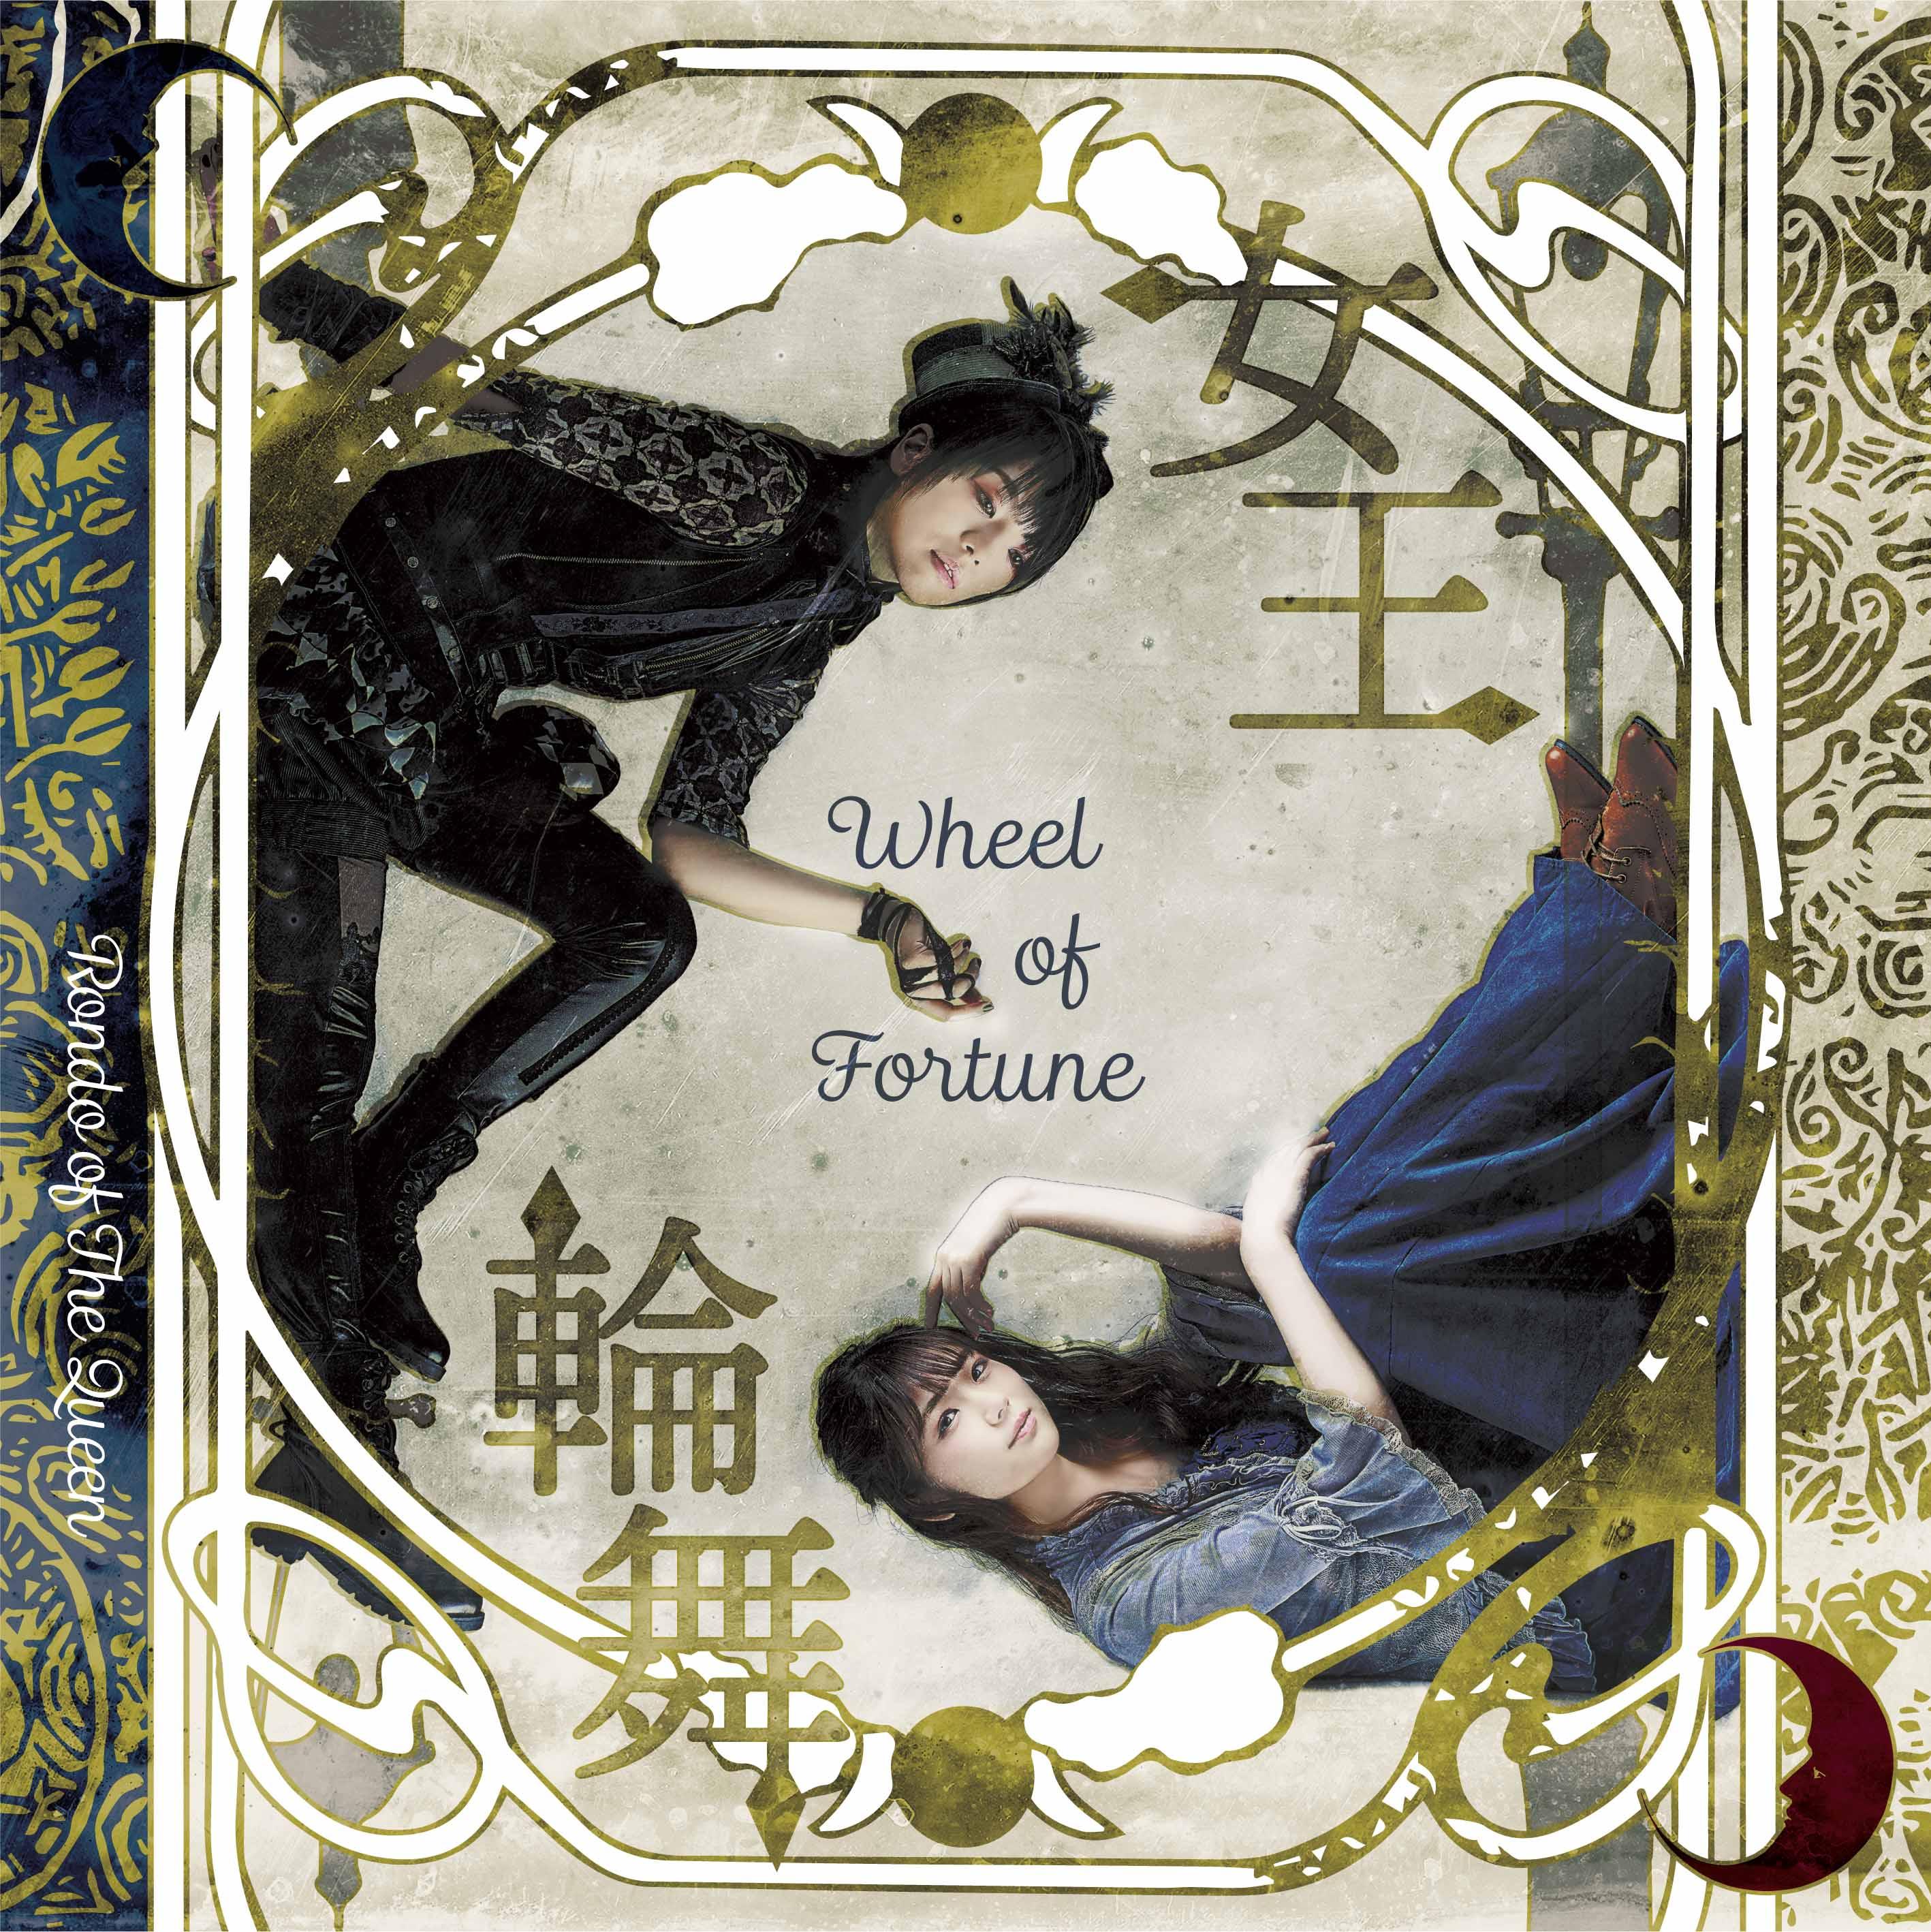 【1月31日(日)16:00】舞台「女王輪舞」